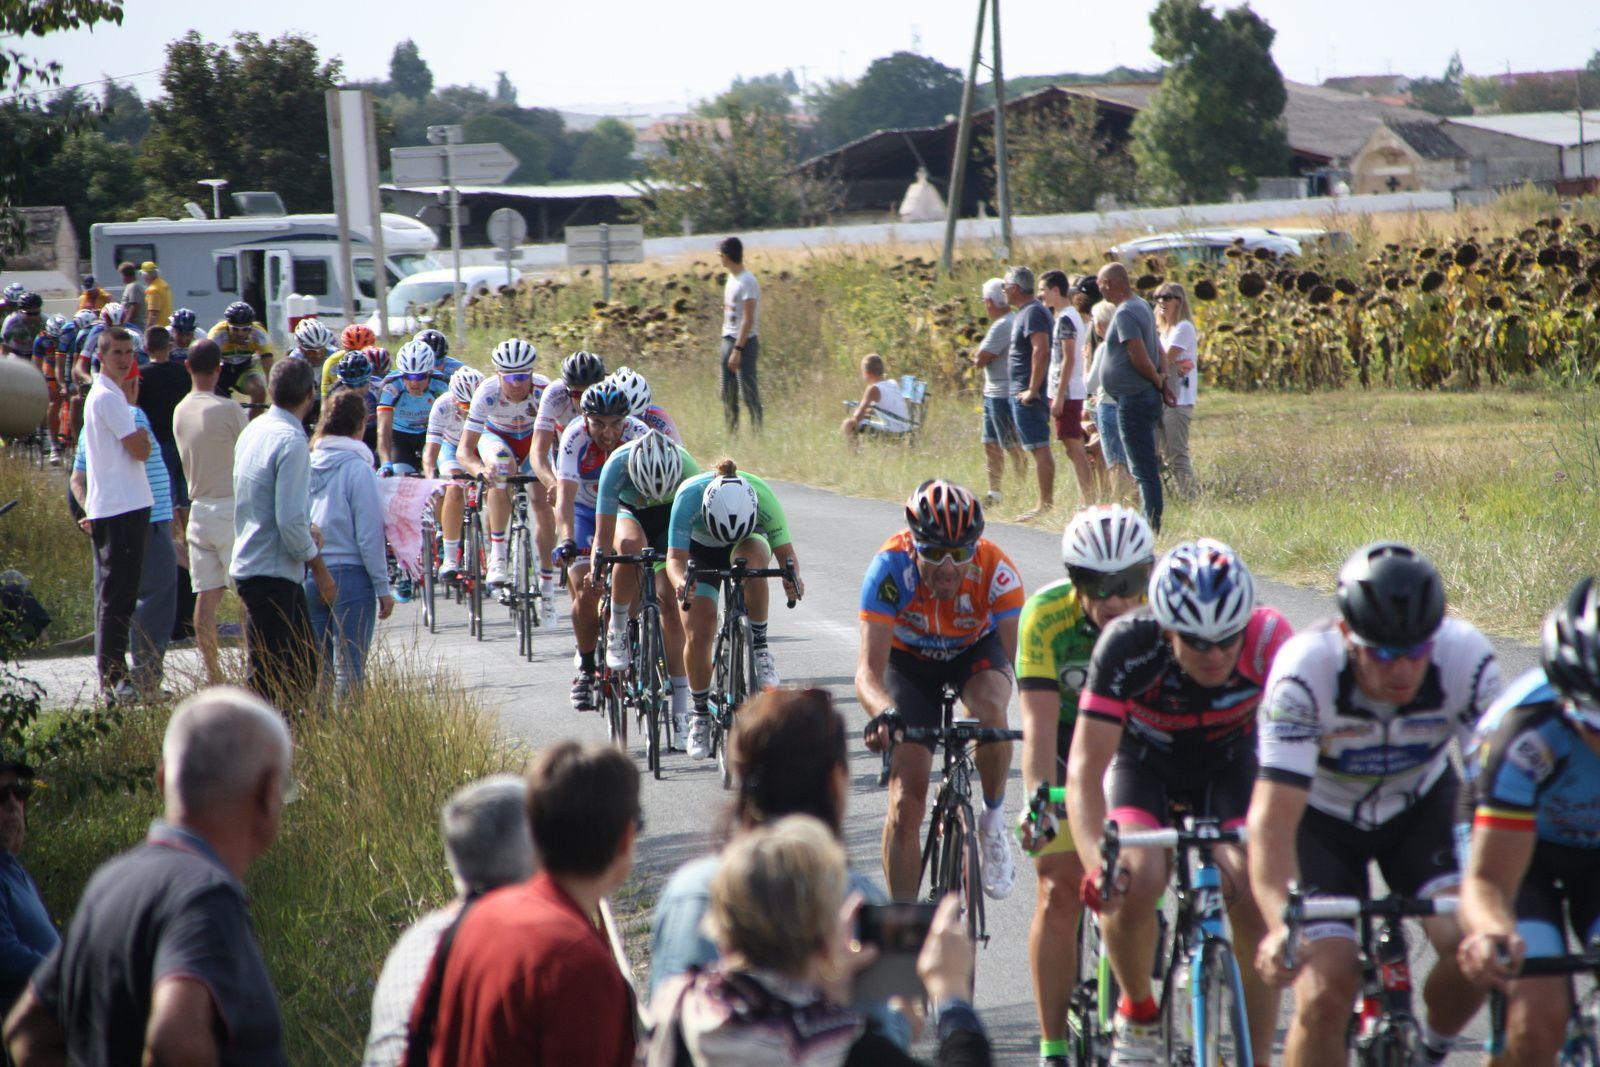 Le  coureur  du  CC  St  Agnant  voit  l'écart  se  réduire  avec  le  peloton  emmené  par  Christophe  VEILLON, Jérome  BERTRAND  et  Guillaume  VIVIER